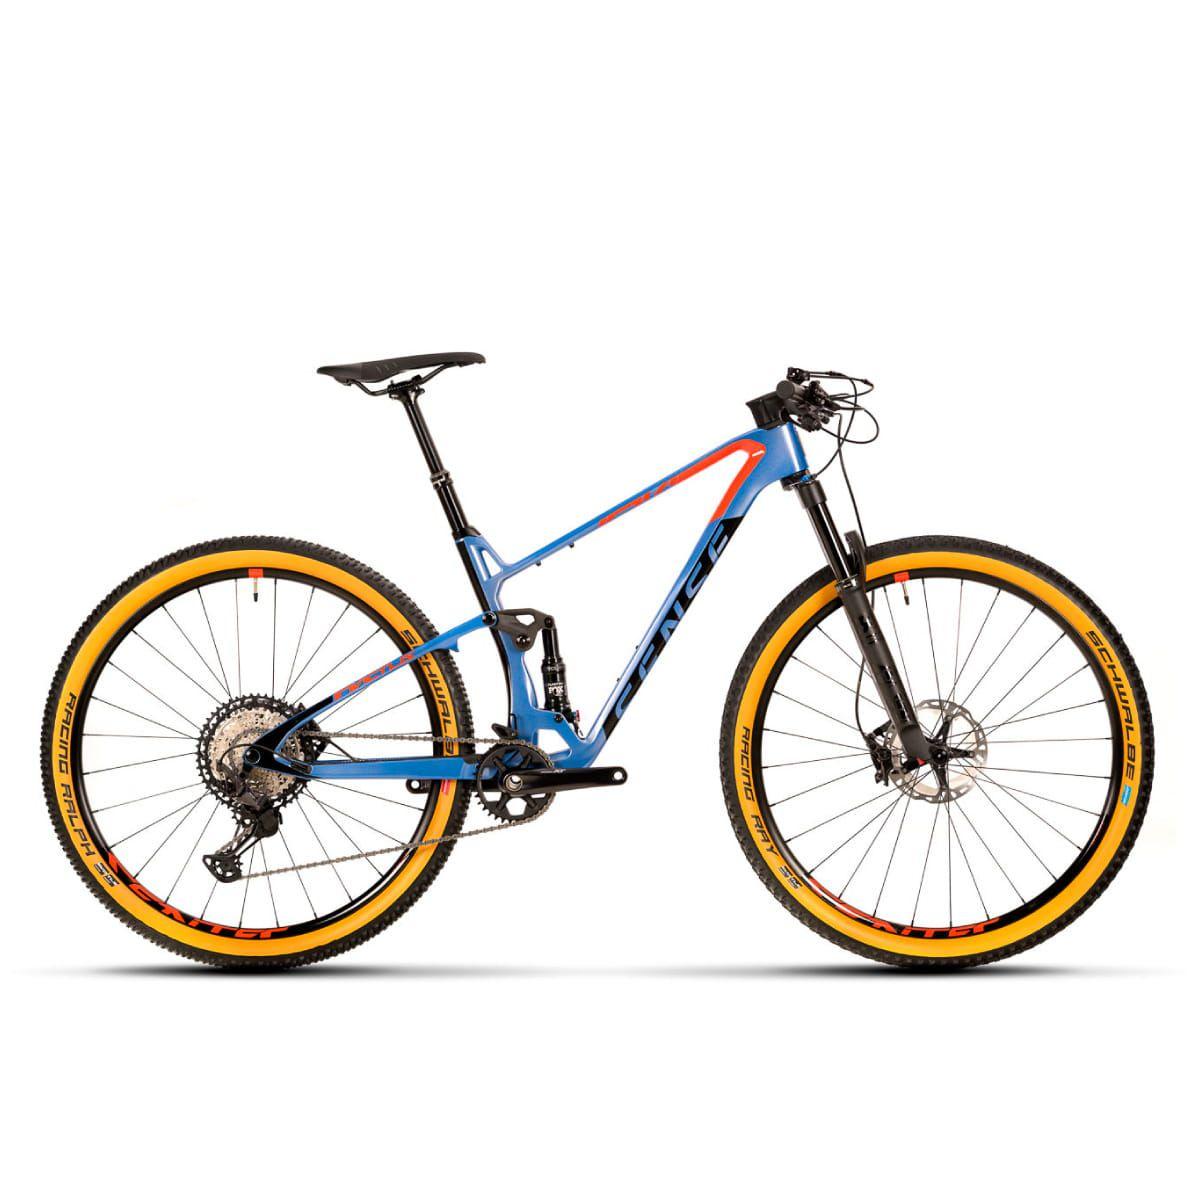 Bike Sense Invictus Evo 2020 Full Supension Shimano XT 12v Aro 29